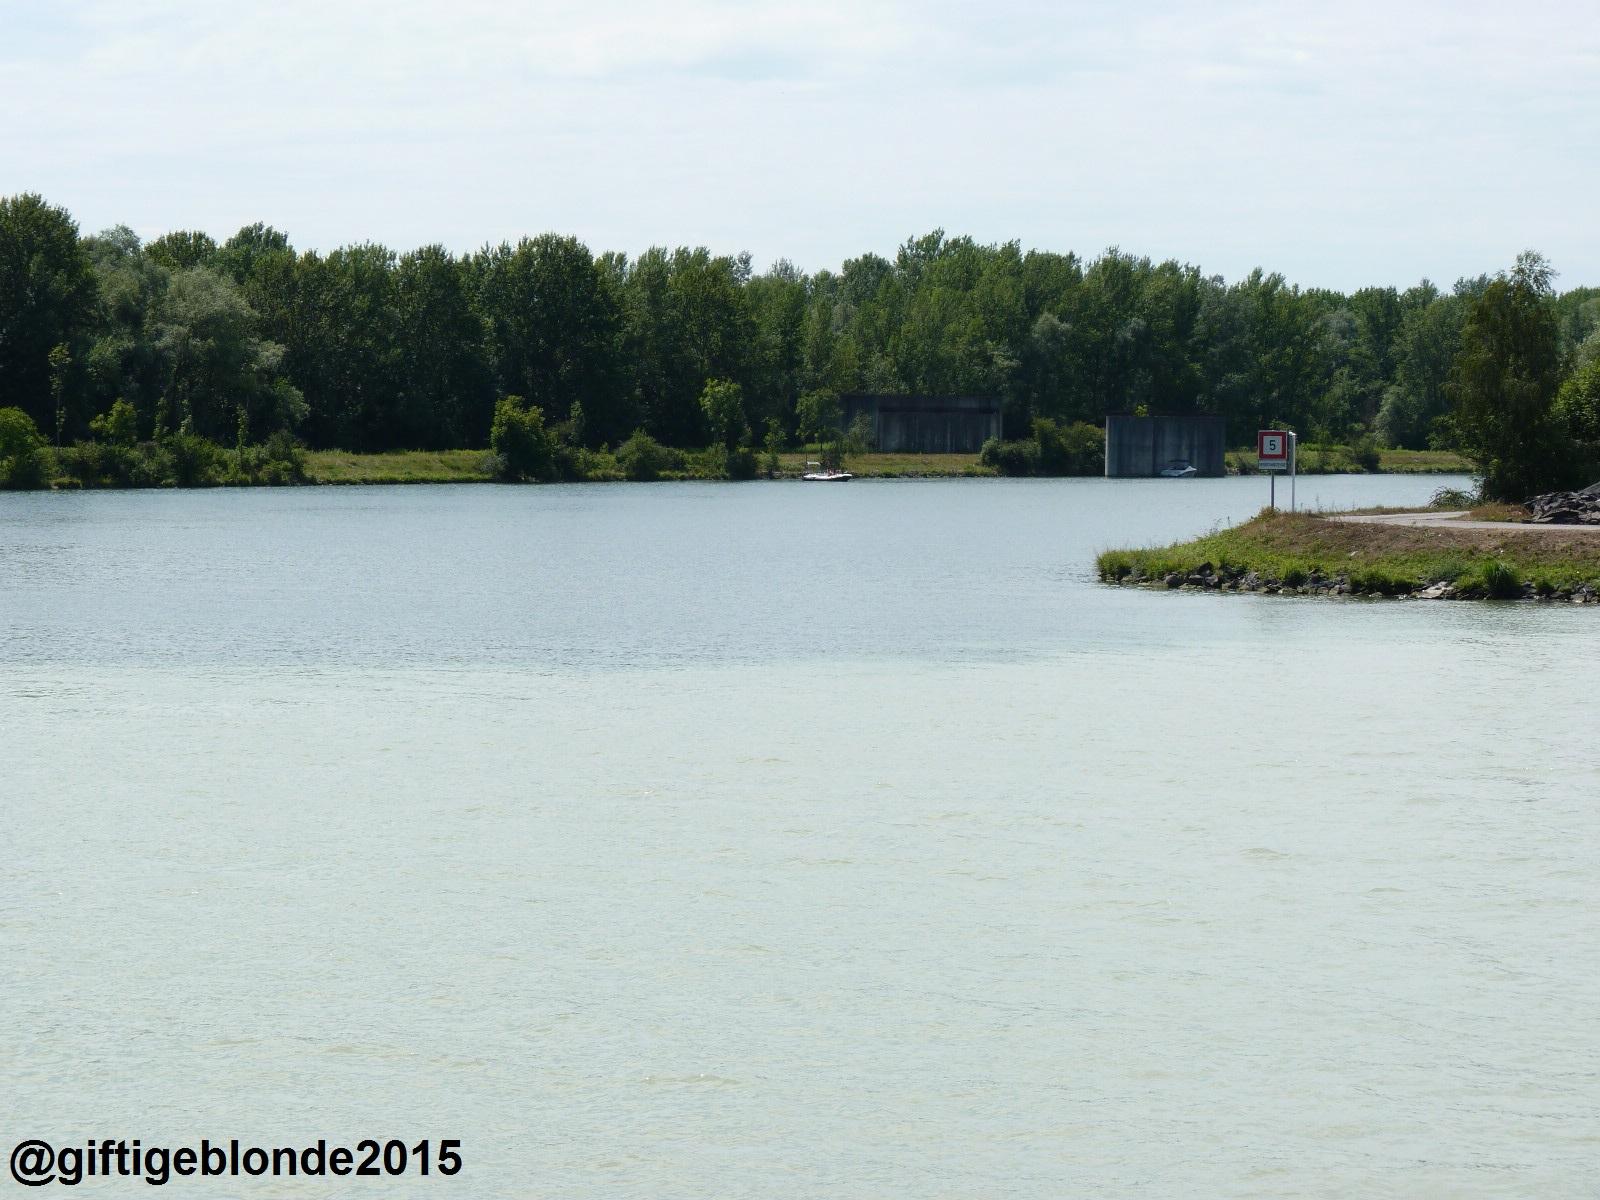 Donau trifft Traun